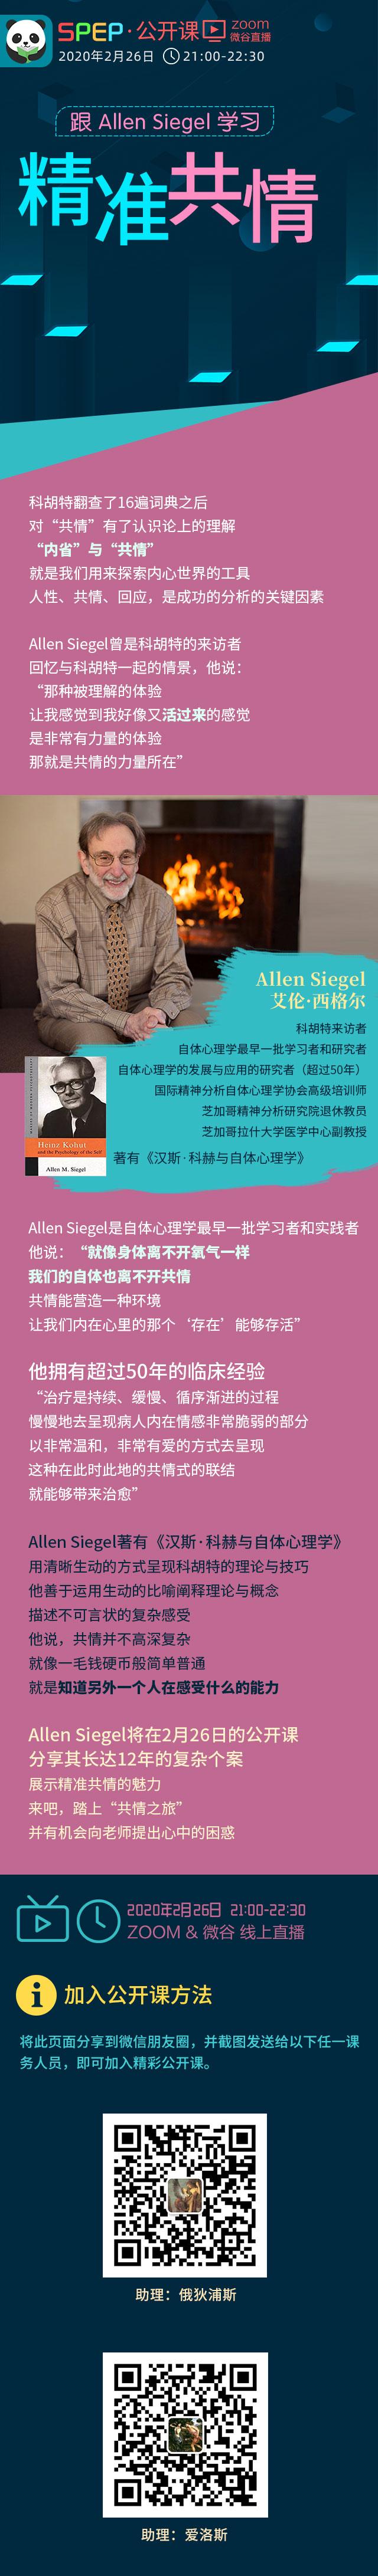 【SPEP公开课】 跟Allen Siegel 学习精准共情